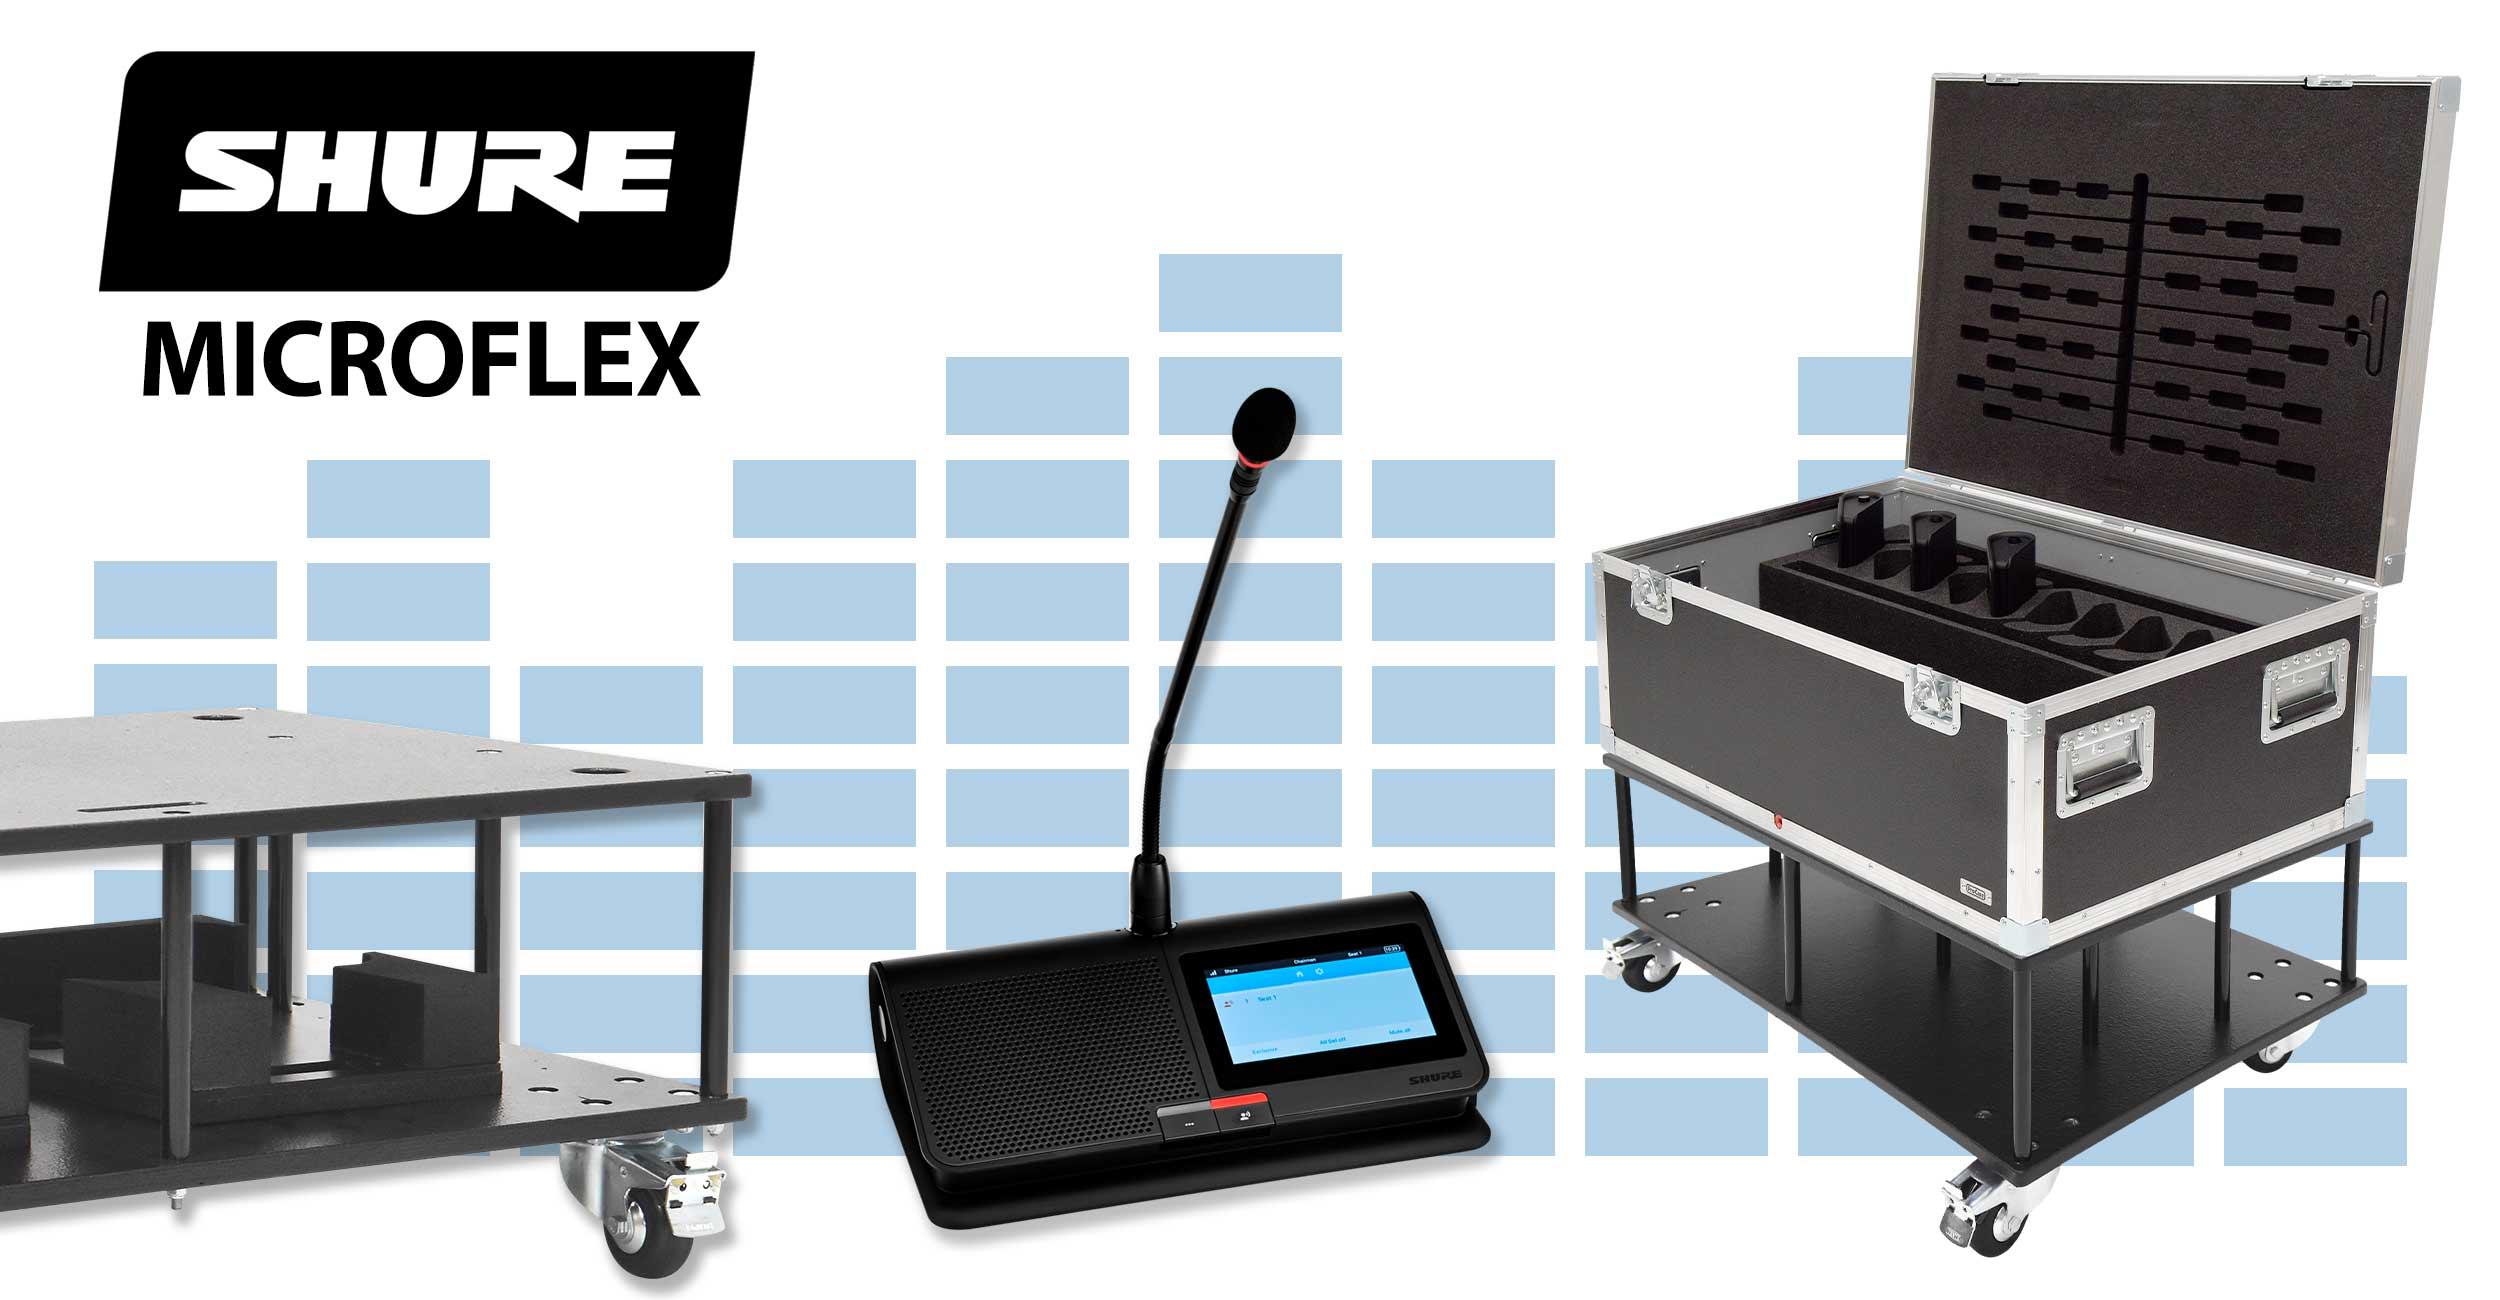 Shure Microflex MXCW Complete Wireless